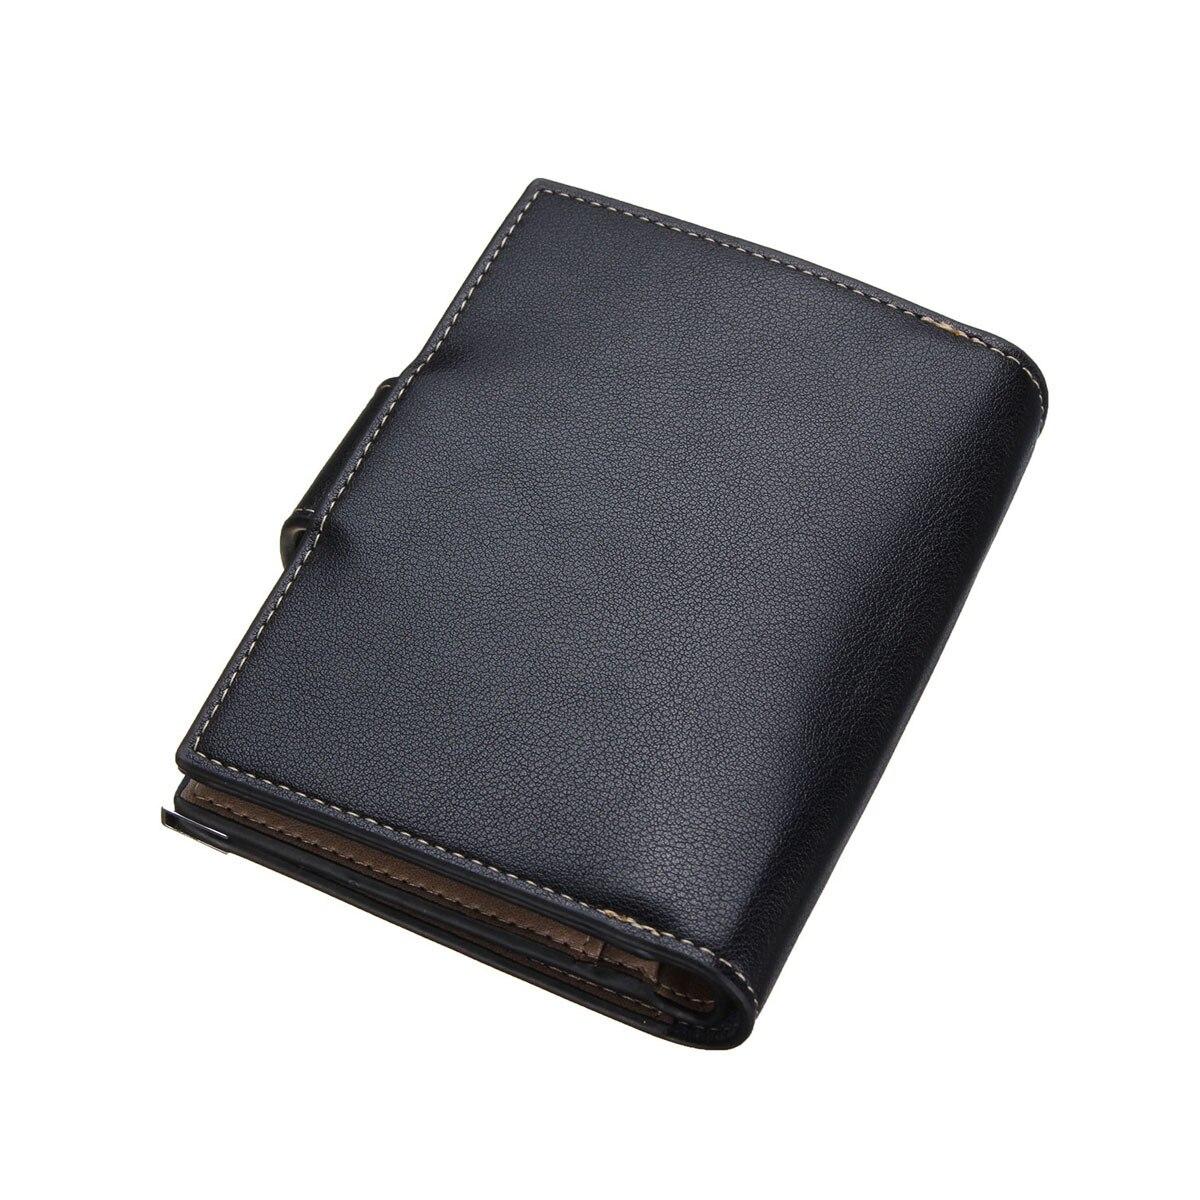 carteiras id cartões de crédito Comprimento do Item : 12.2cm